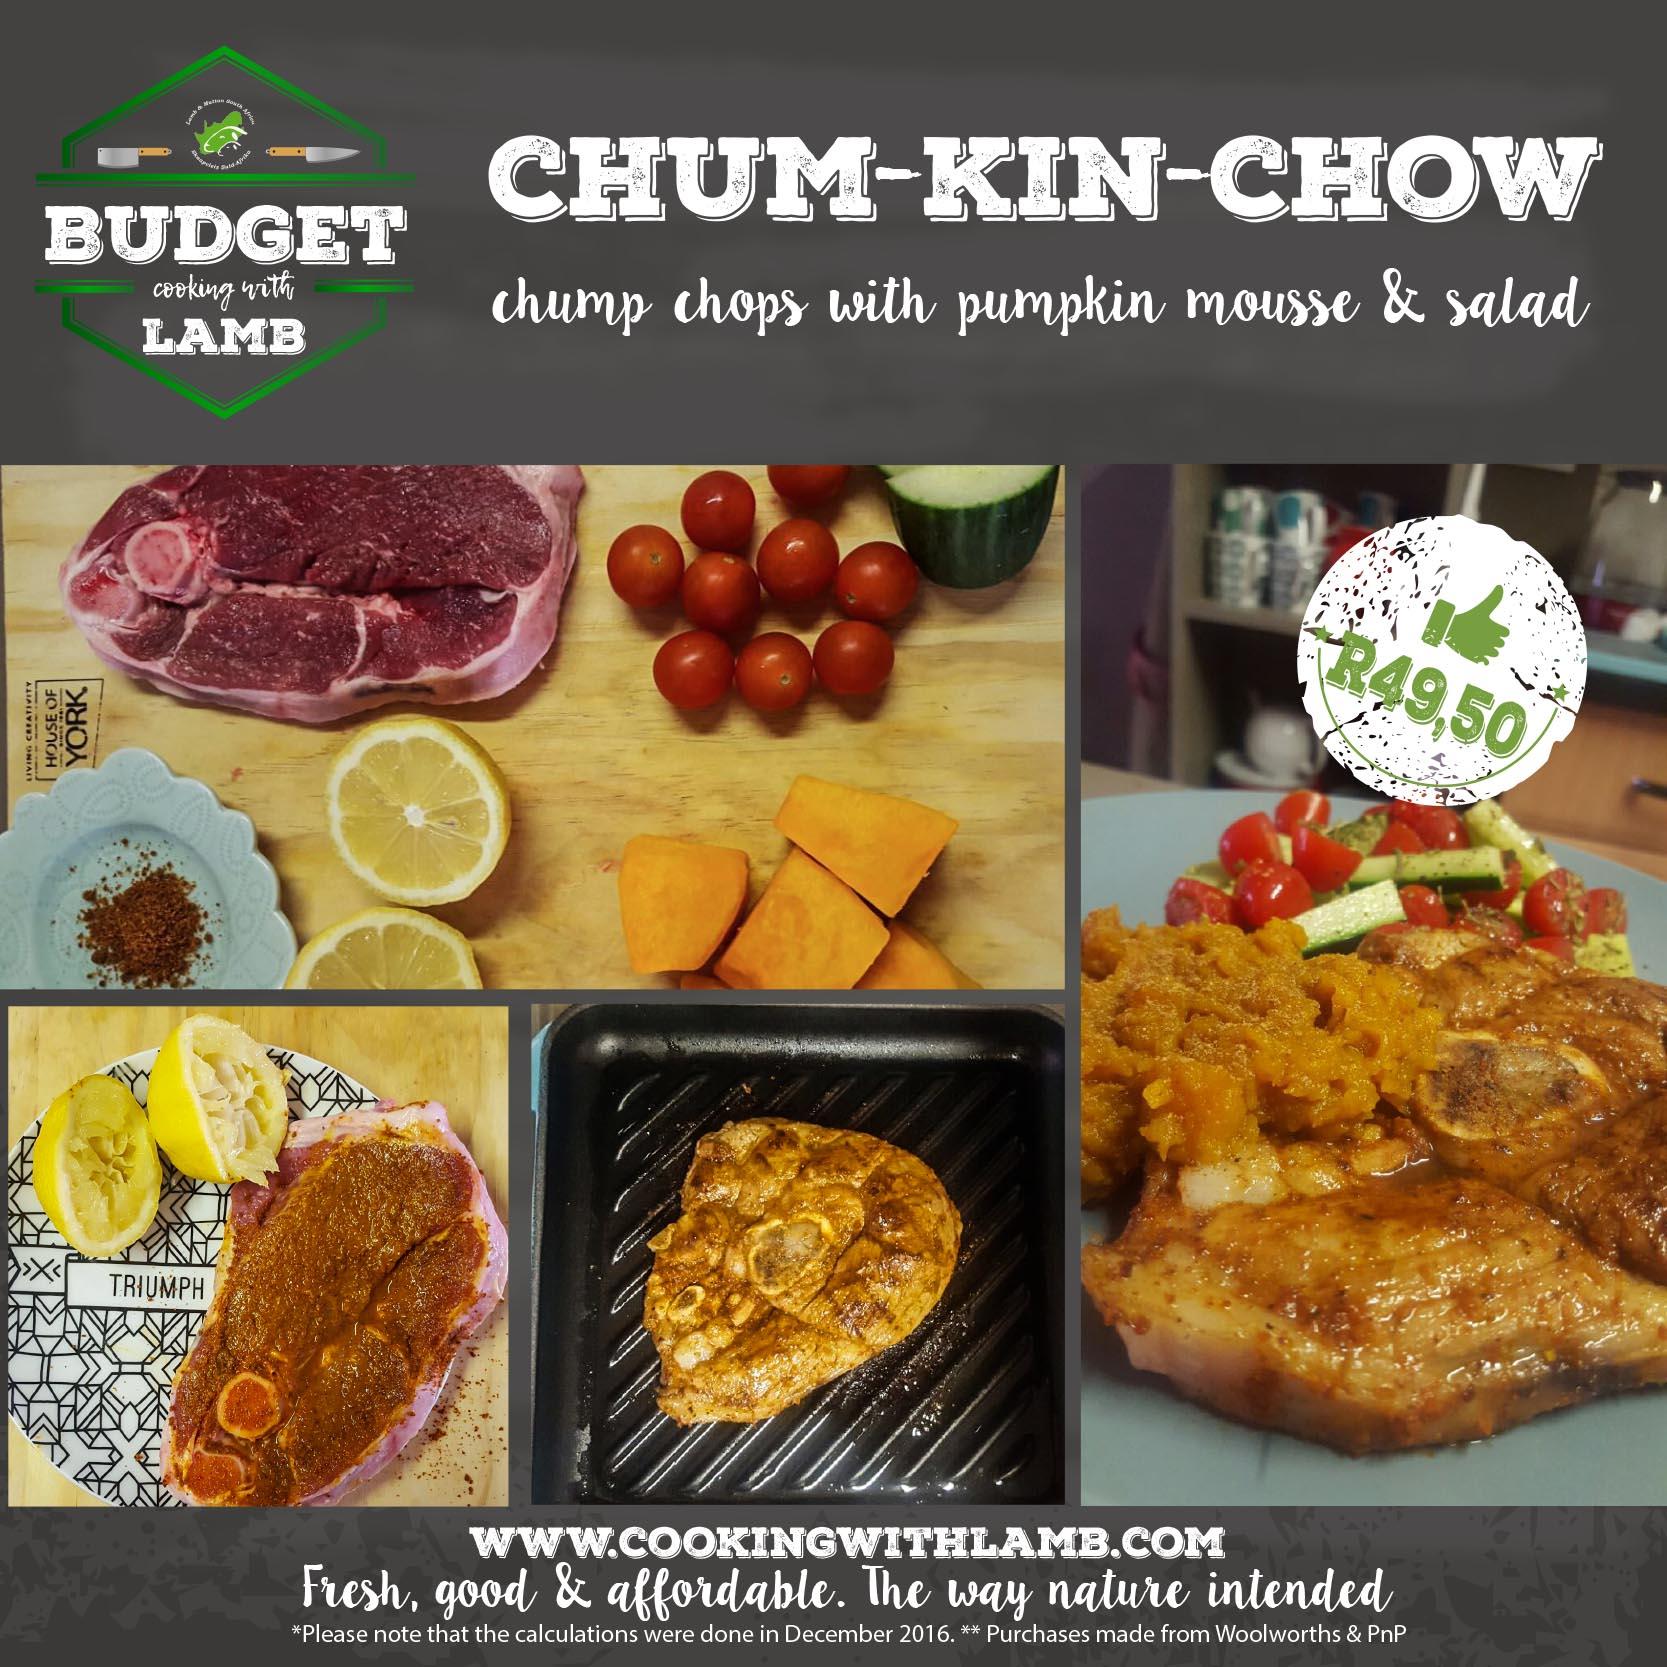 Chump-kin-chow